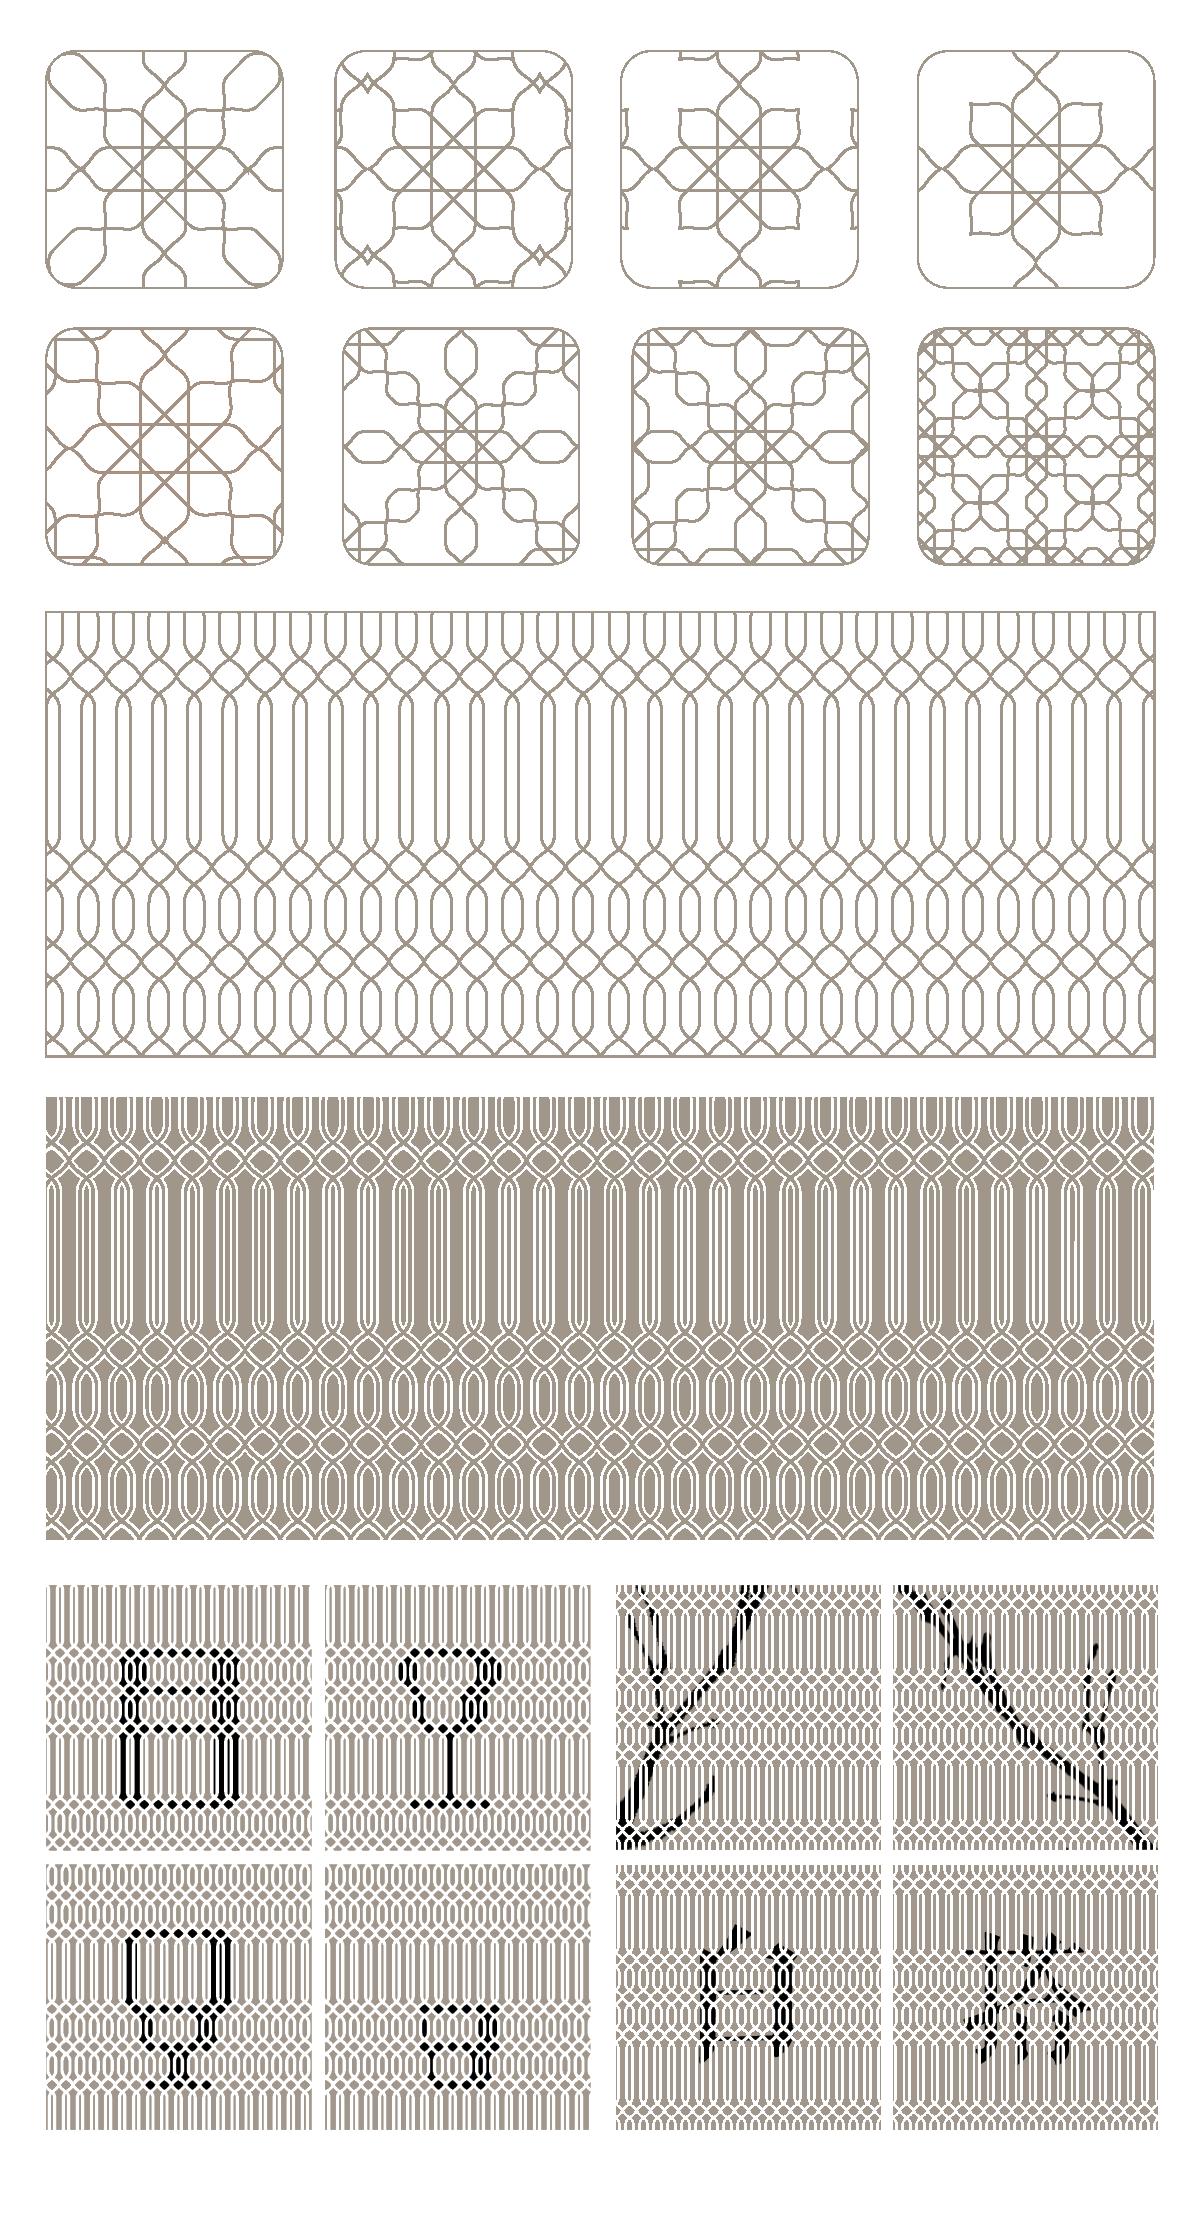 3329bd25805779.5634d1d1bfbc0